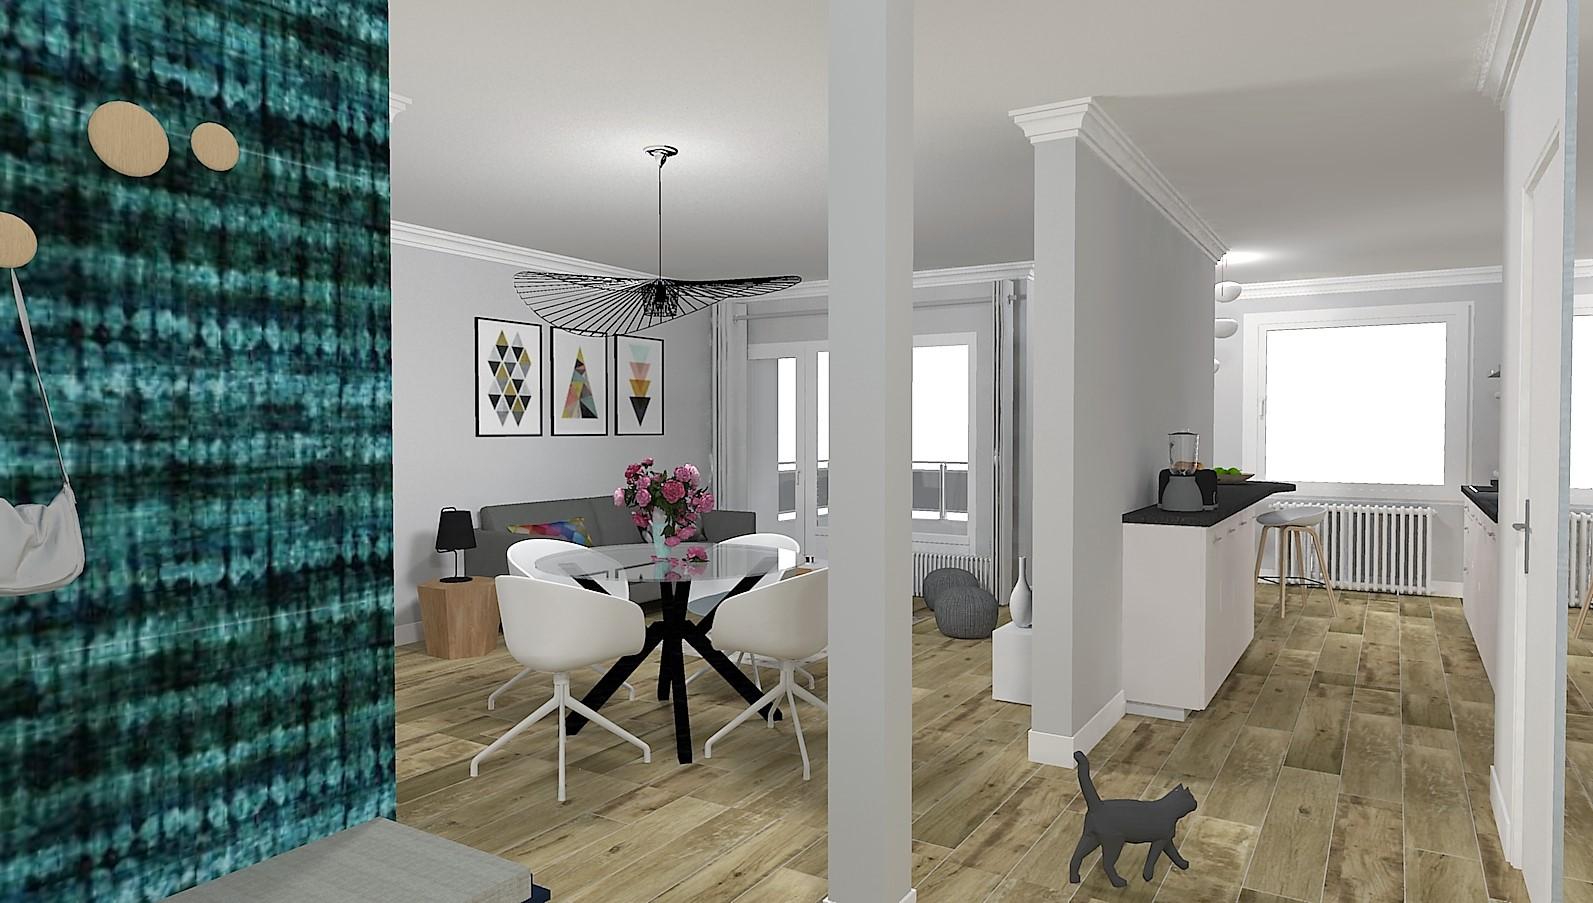 d cloisonnement pi ce vivre d cembre 2018 aura. Black Bedroom Furniture Sets. Home Design Ideas